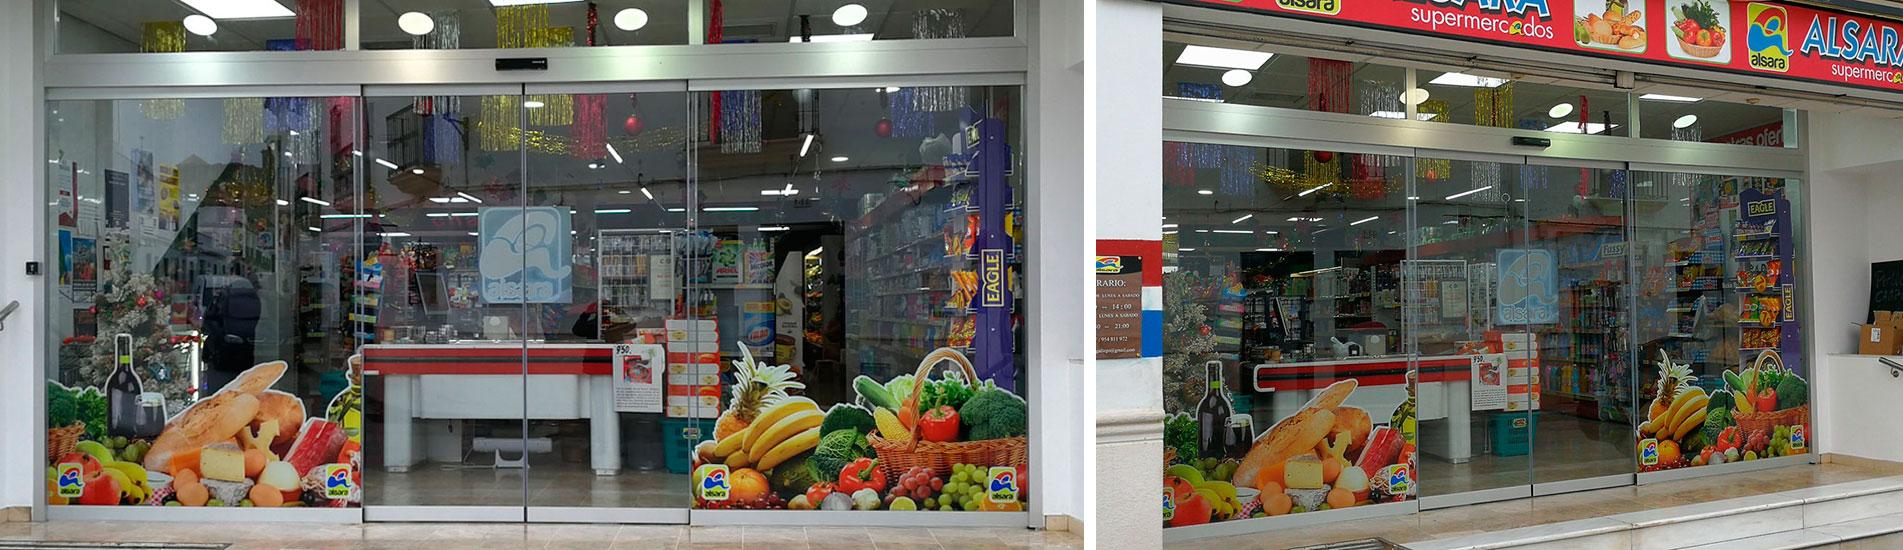 supermercados-alsara